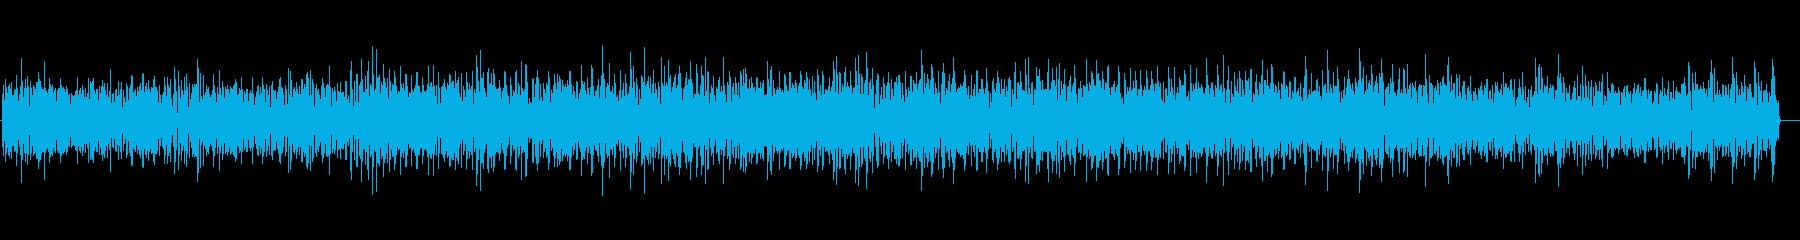 オープニング・映像・CM 明るく陽気な曲の再生済みの波形